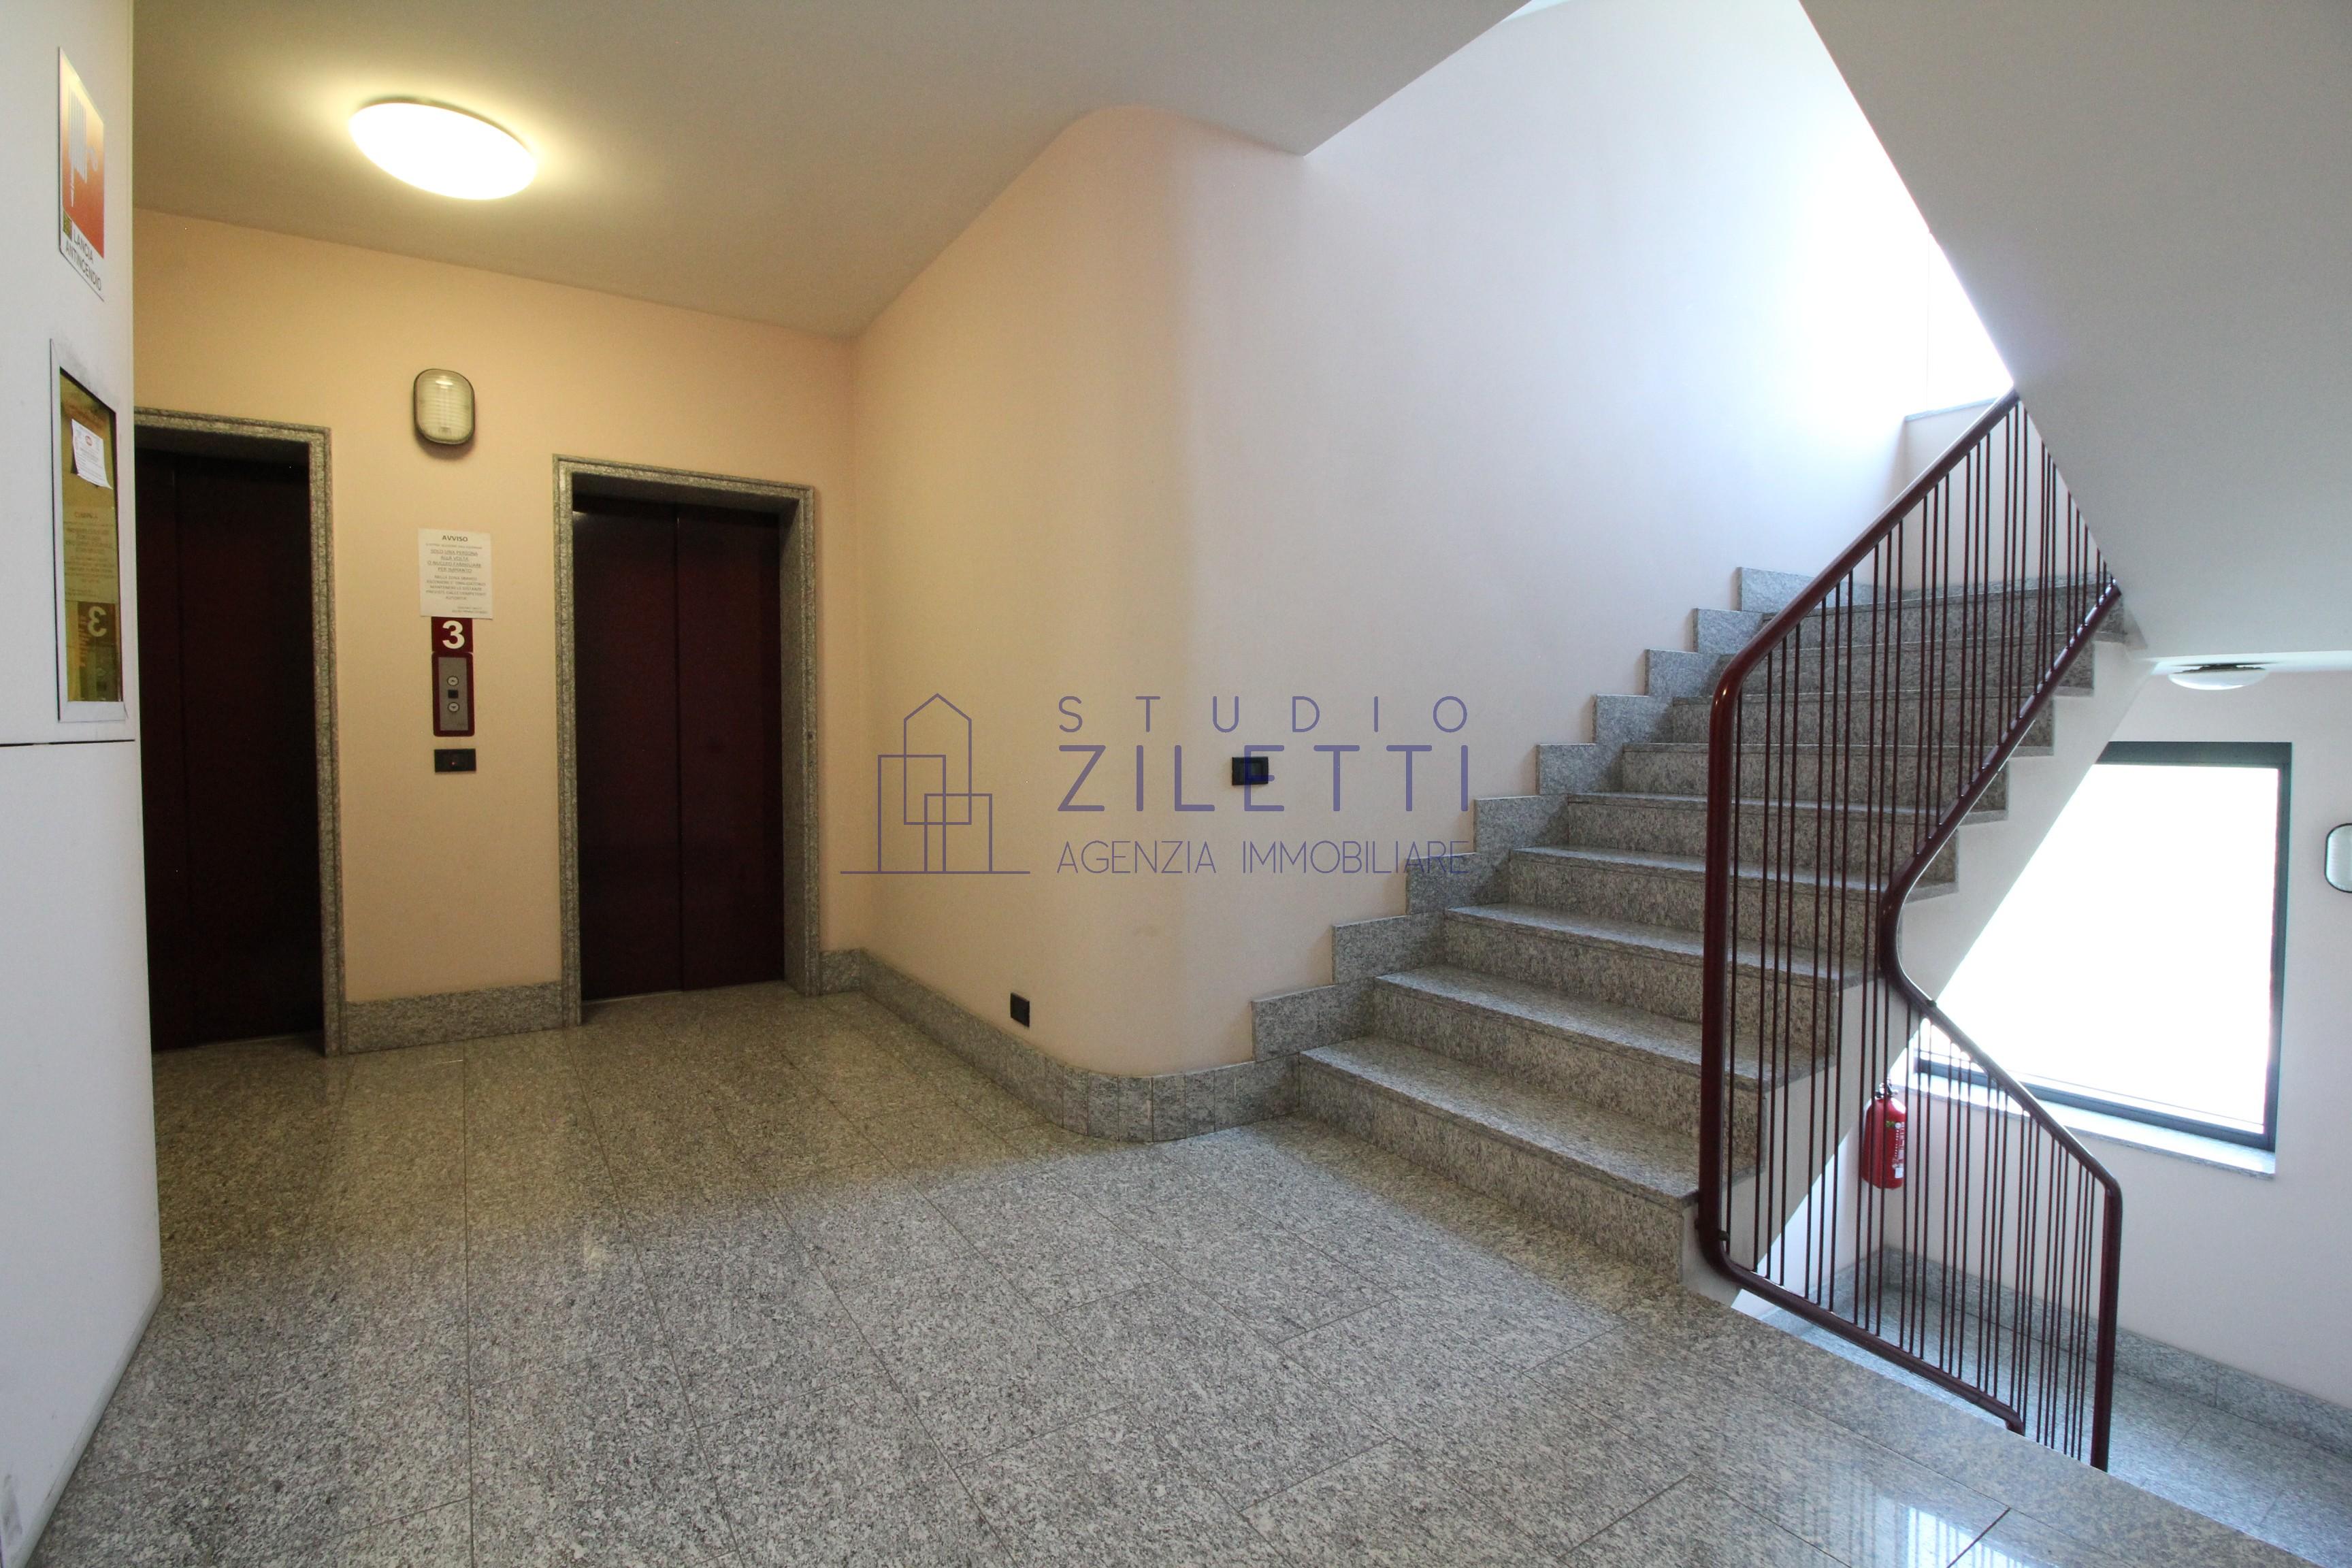 Vendesi appartamento/ufficio a Brescia Due - Studio Ziletti